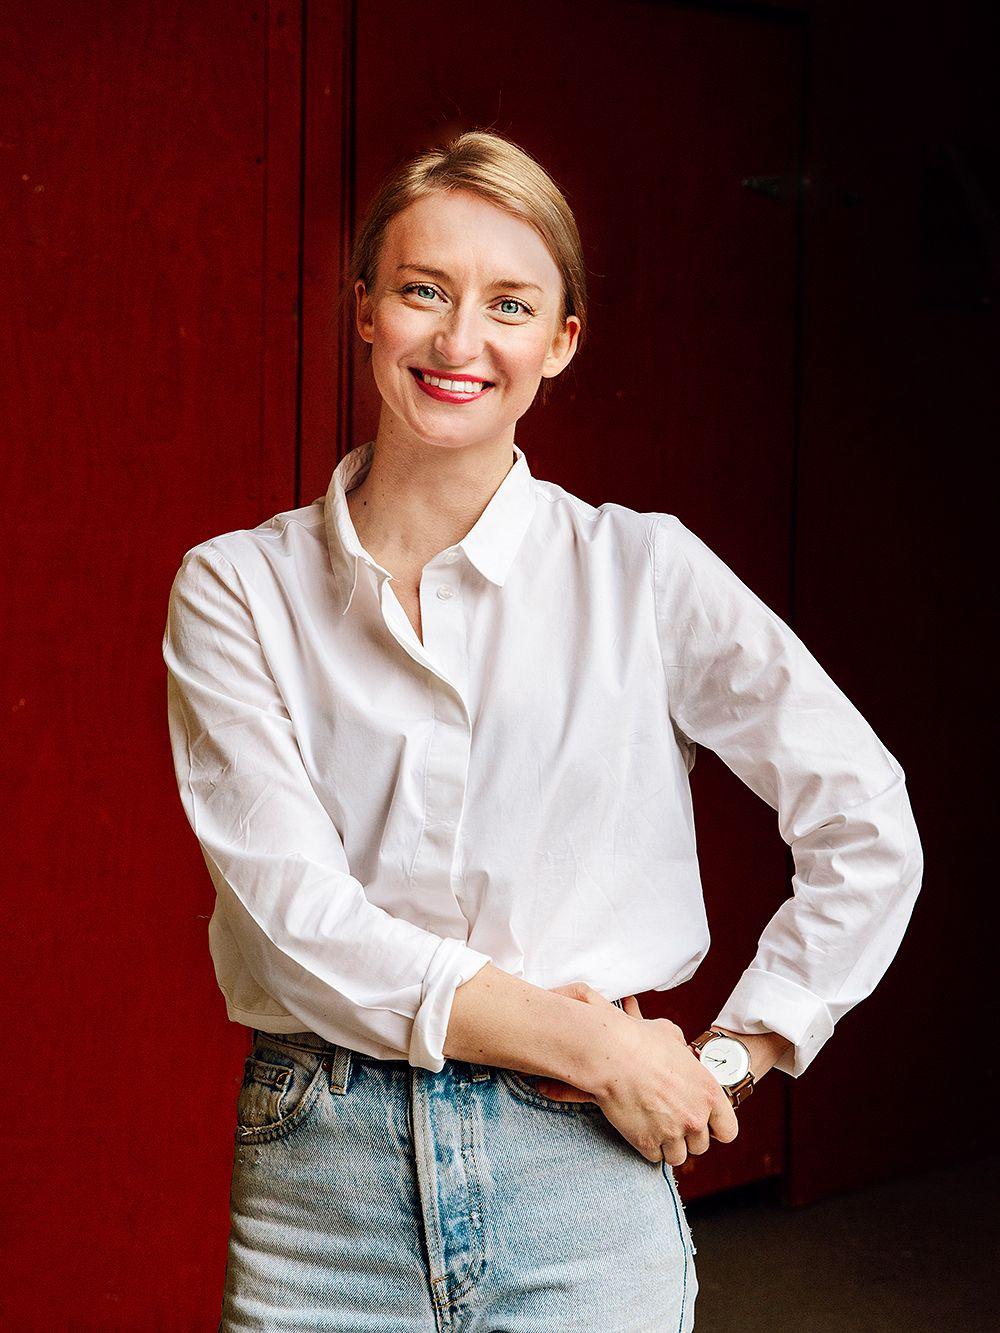 Larissa Immonen, CEO of Finarte